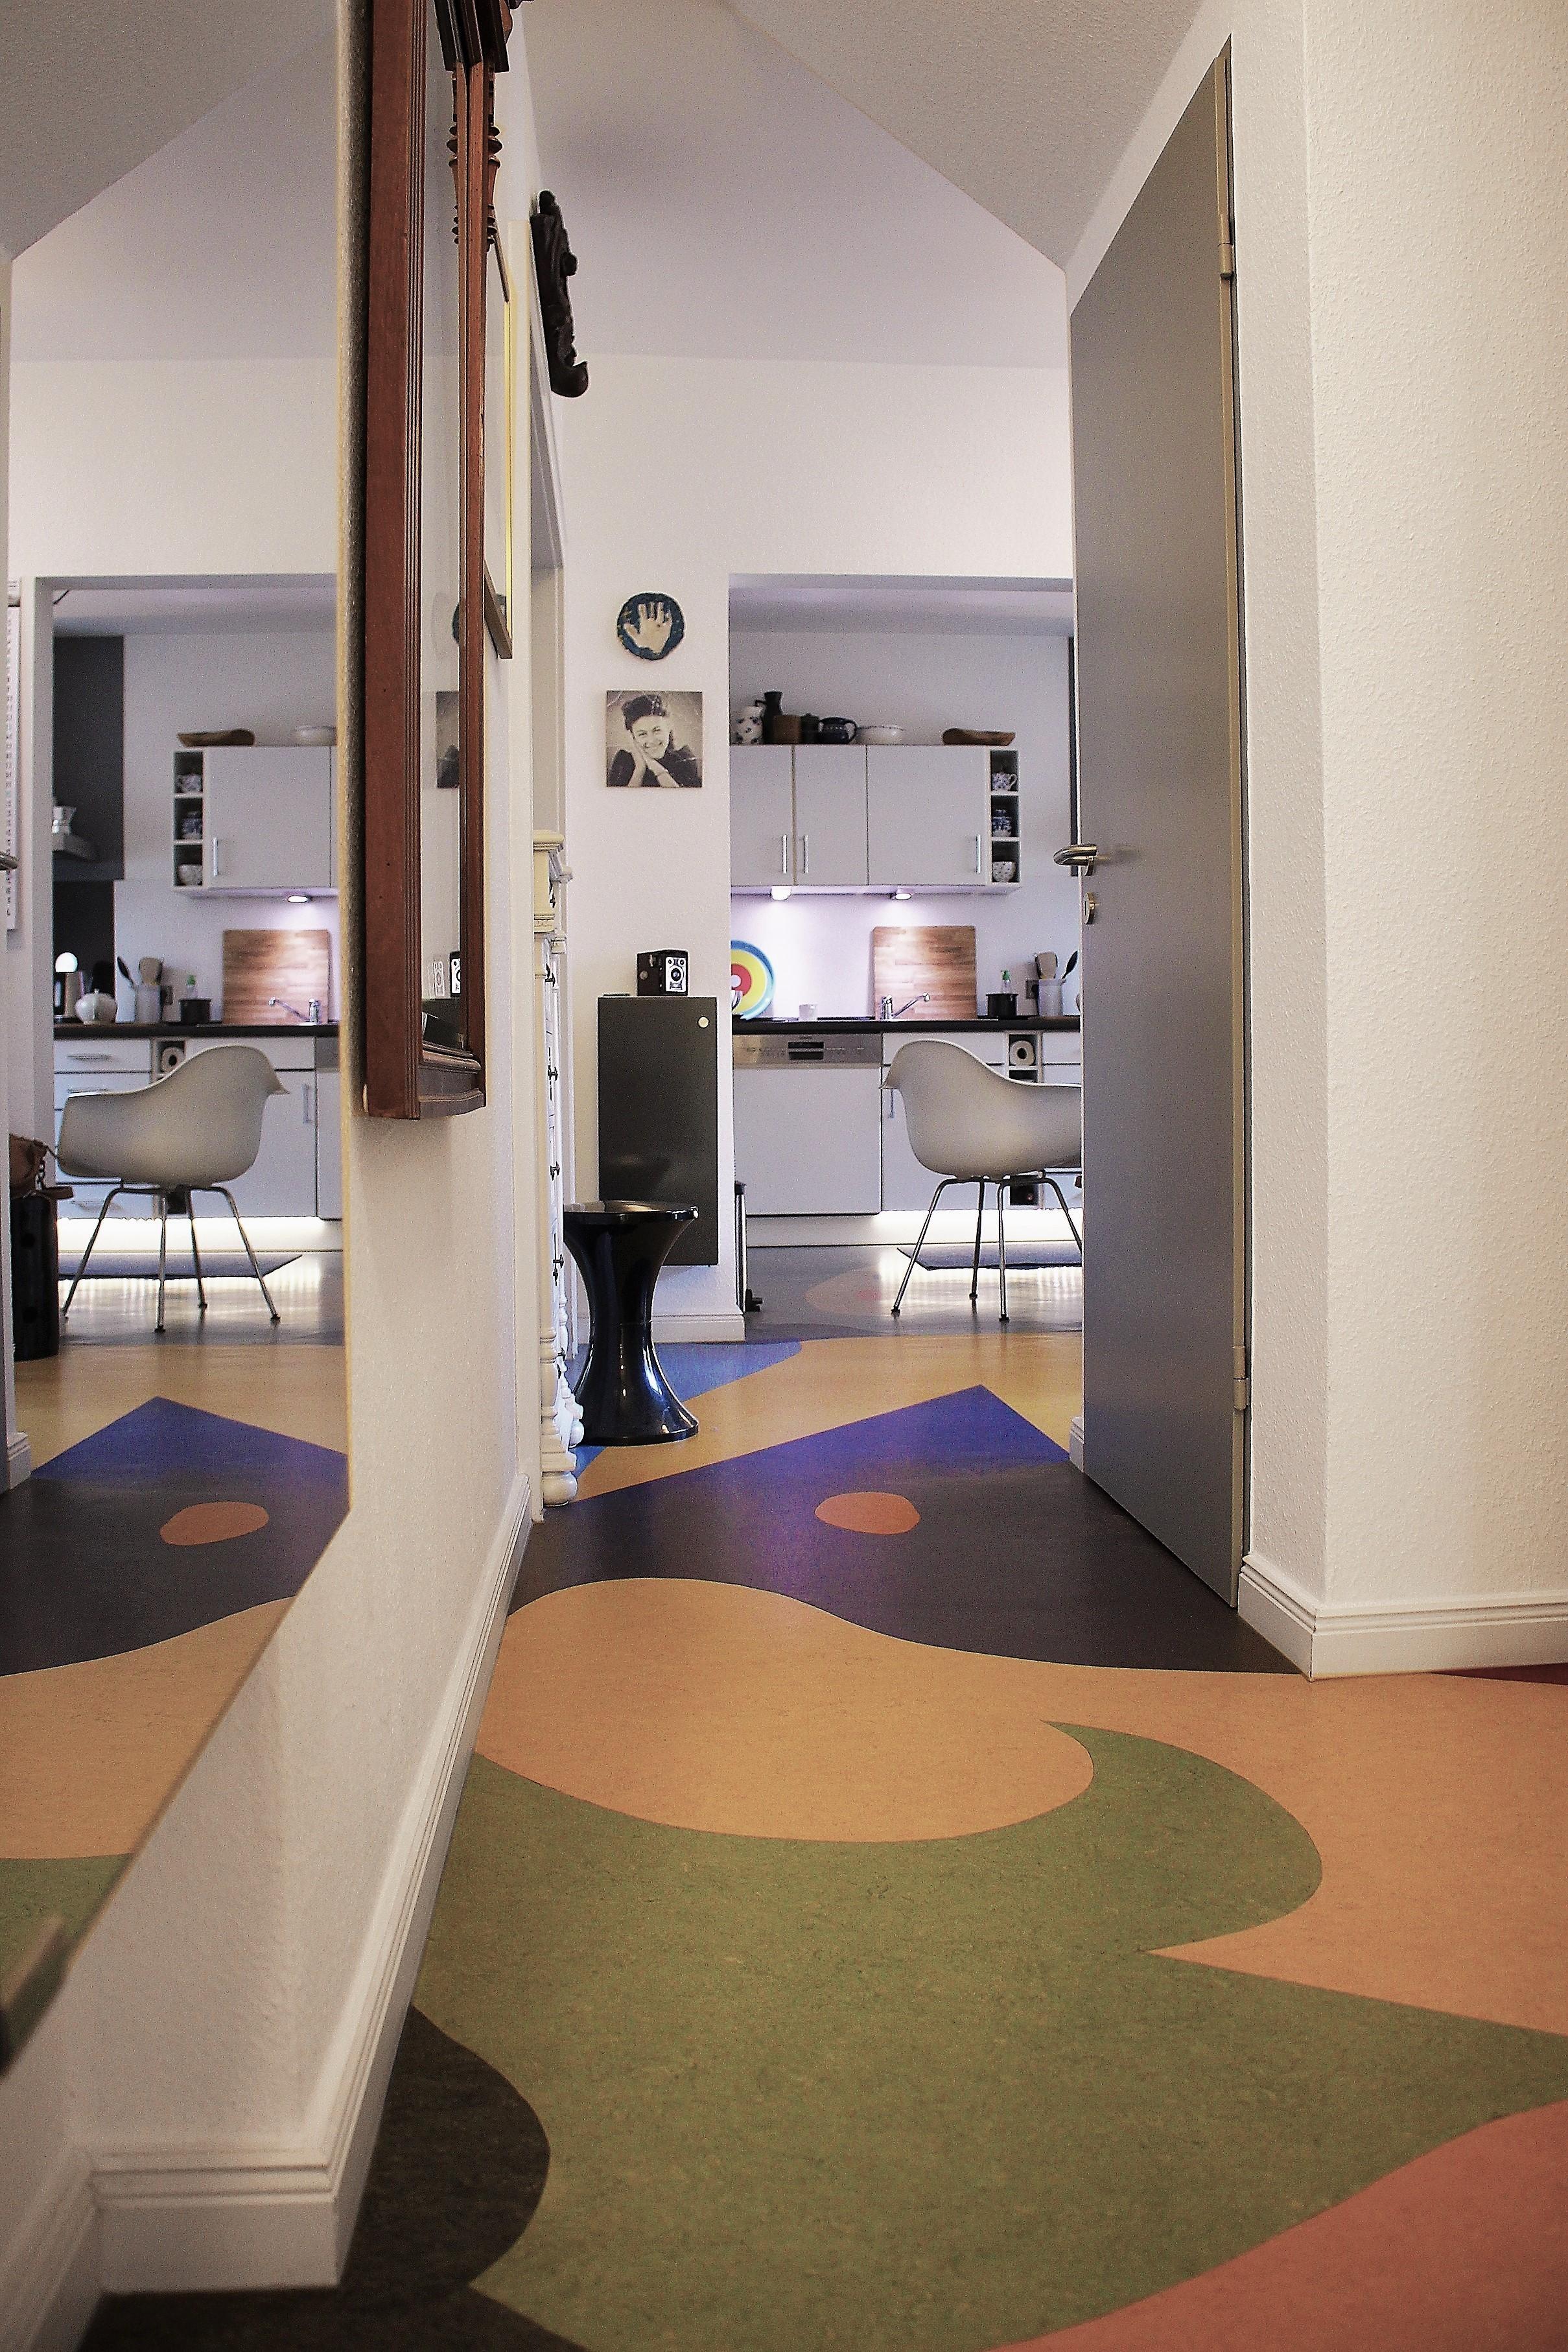 Blick Vom Flur In Die Kueche Flur Kueche Farben Bunt Linoleum Spiegel  Gestalten Formen Muster Eklektisch